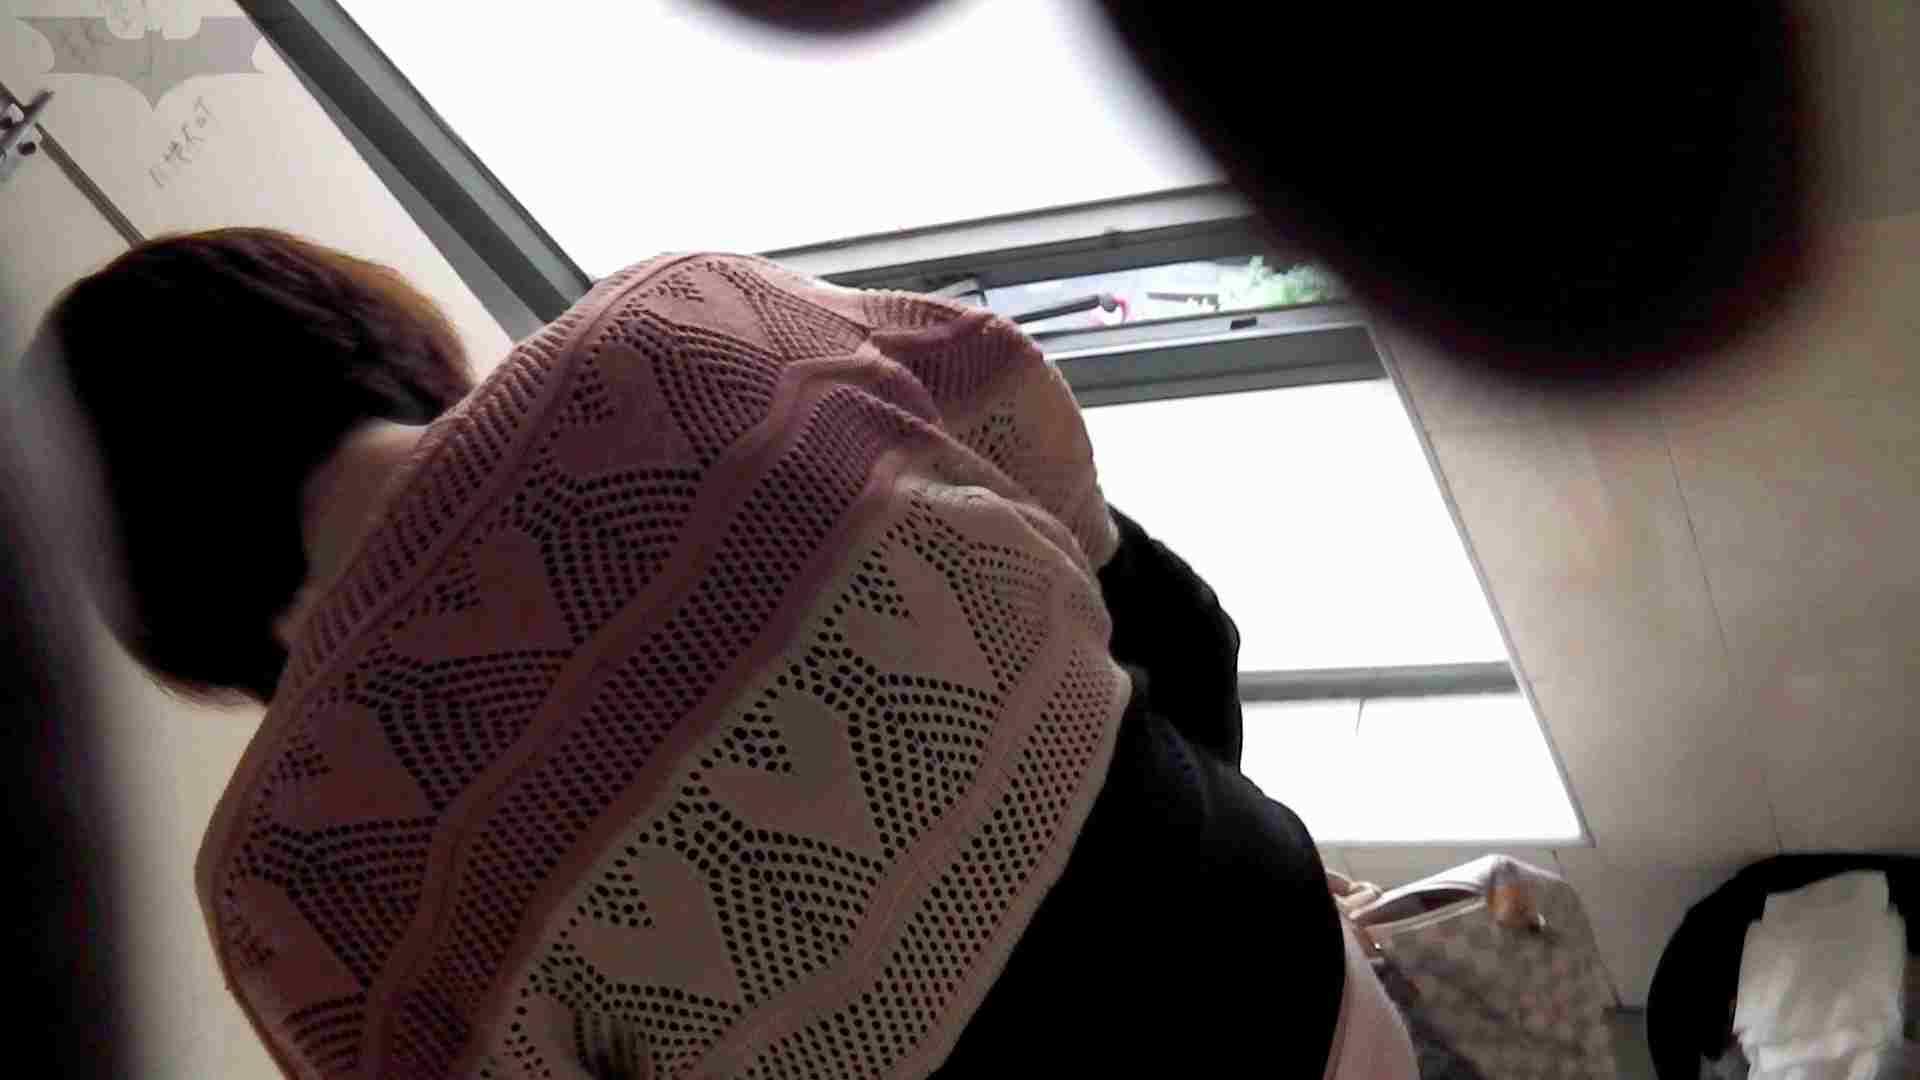 ステーション編 vol.28 無料動画に登場したモデルつい本番登場!! エロいOL | エロいモデル  81枚